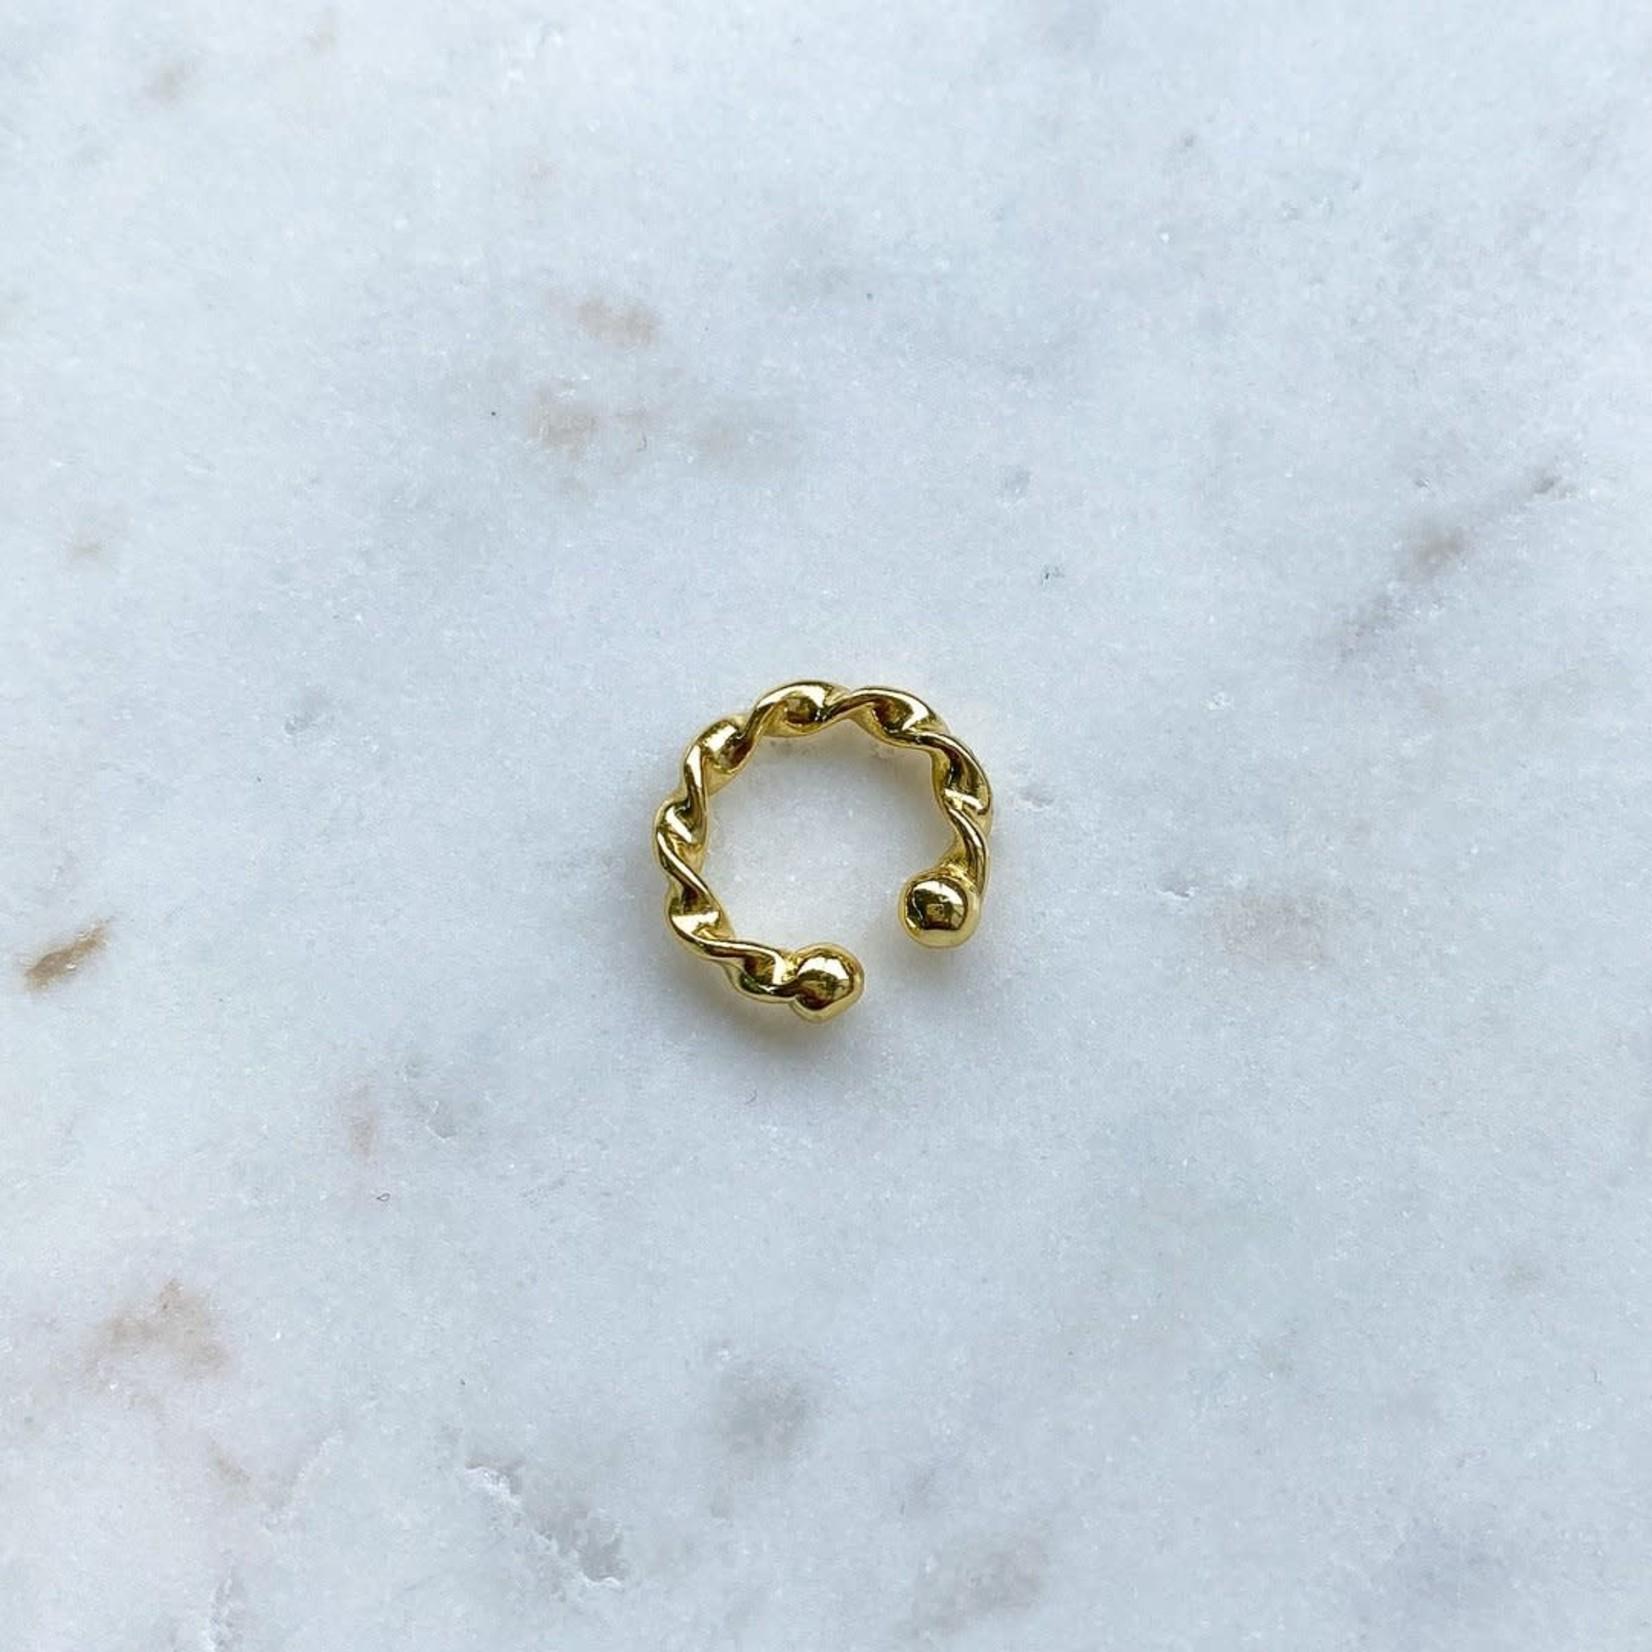 Horace Jewelry Horace fausse boucle d'oreille TWISTÉ OR